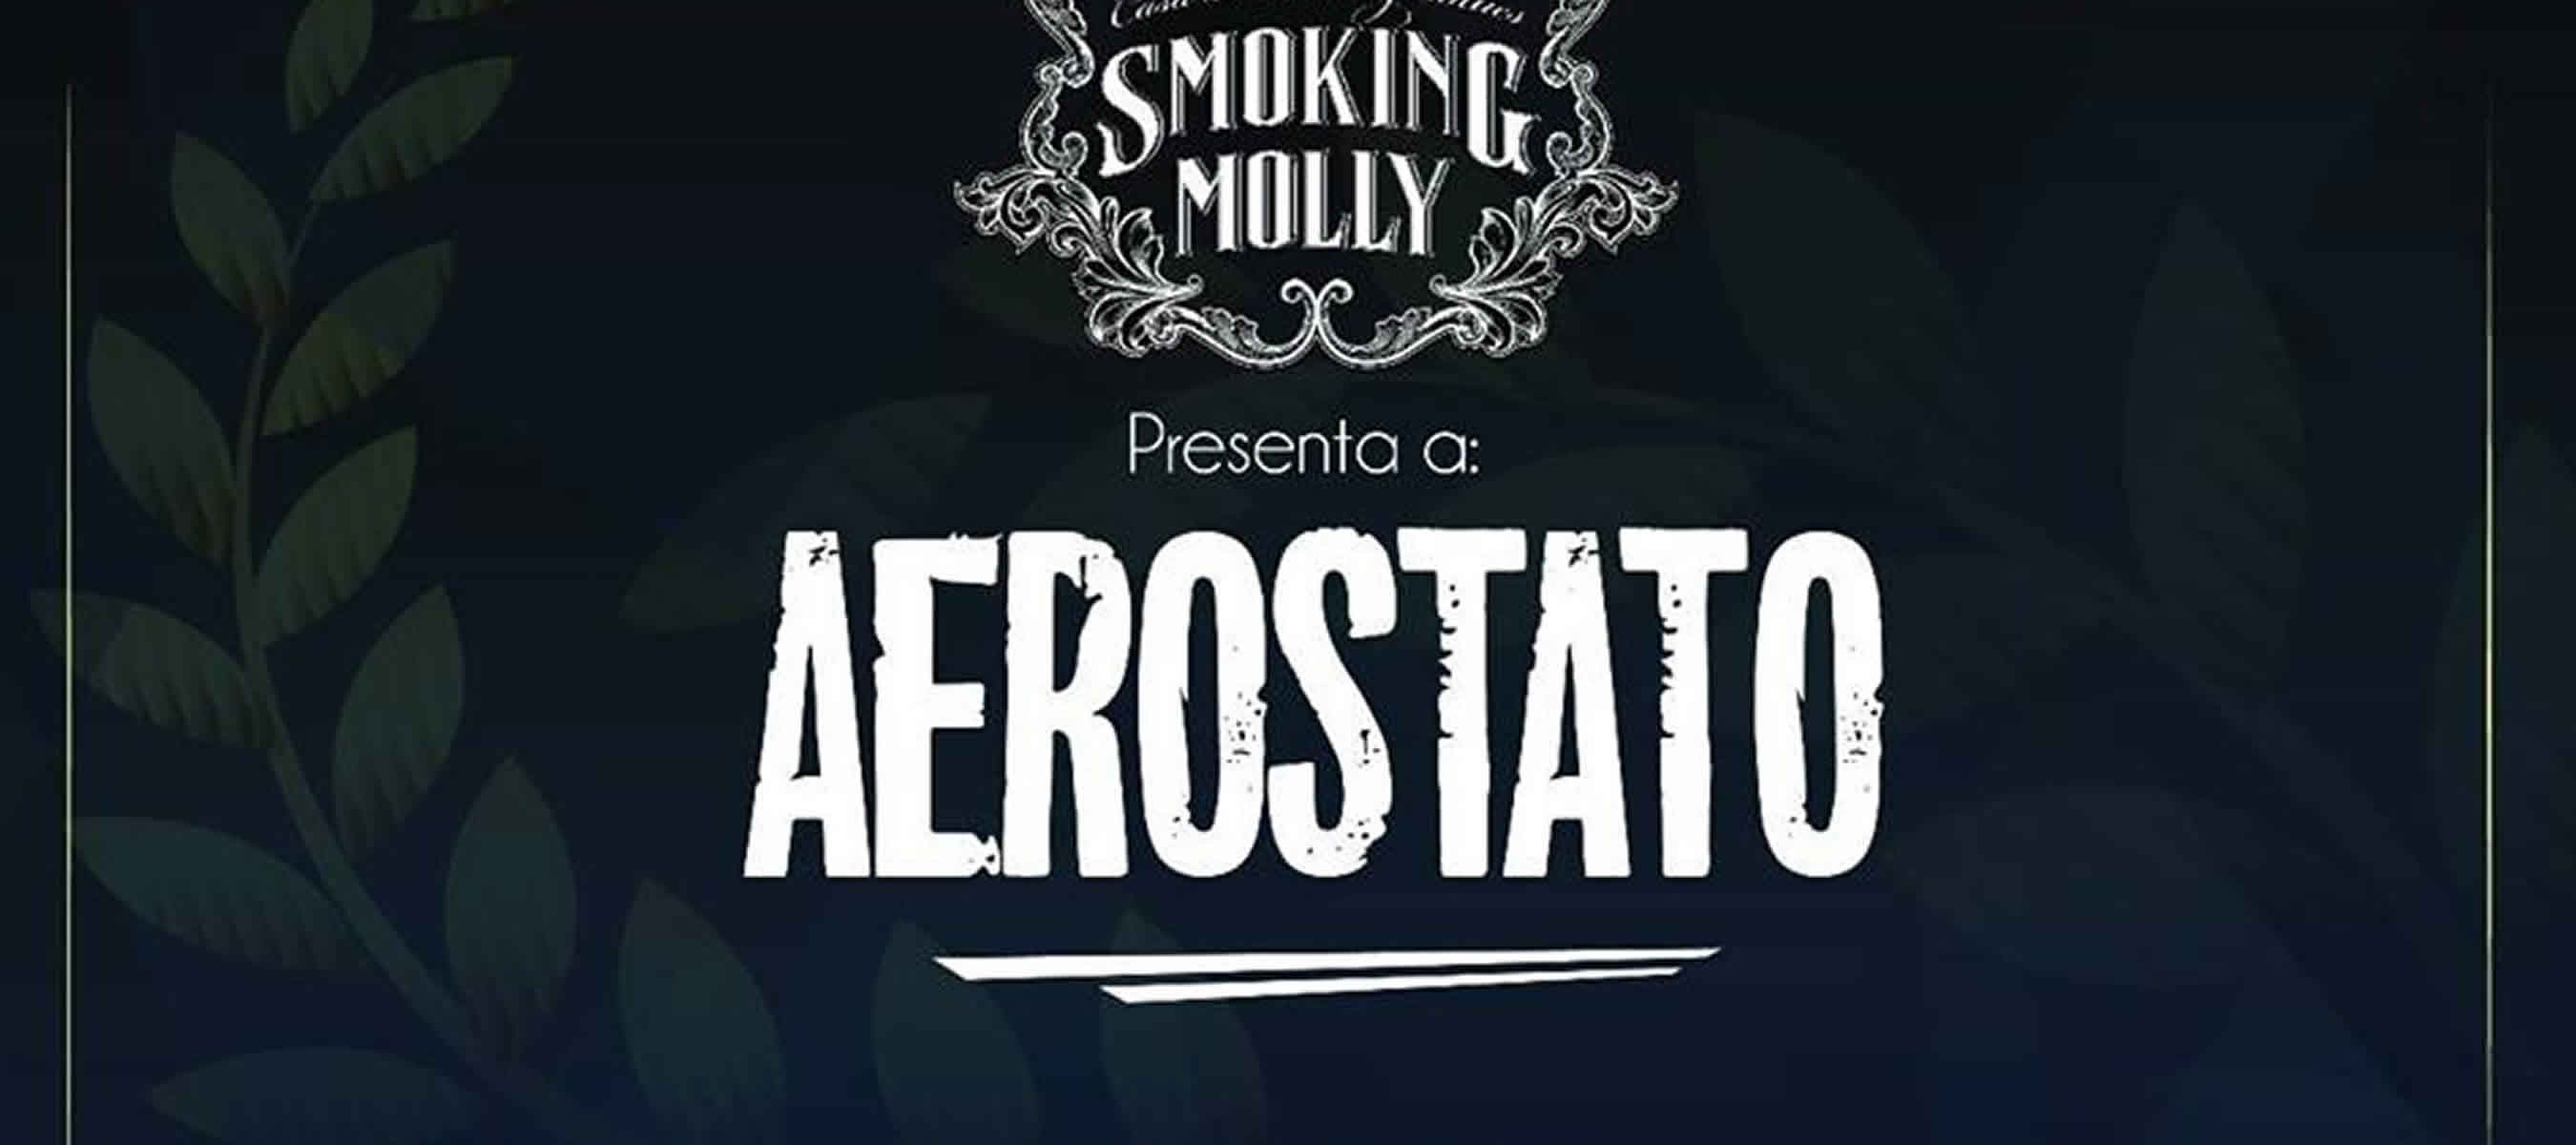 Aerostato en smoking molly